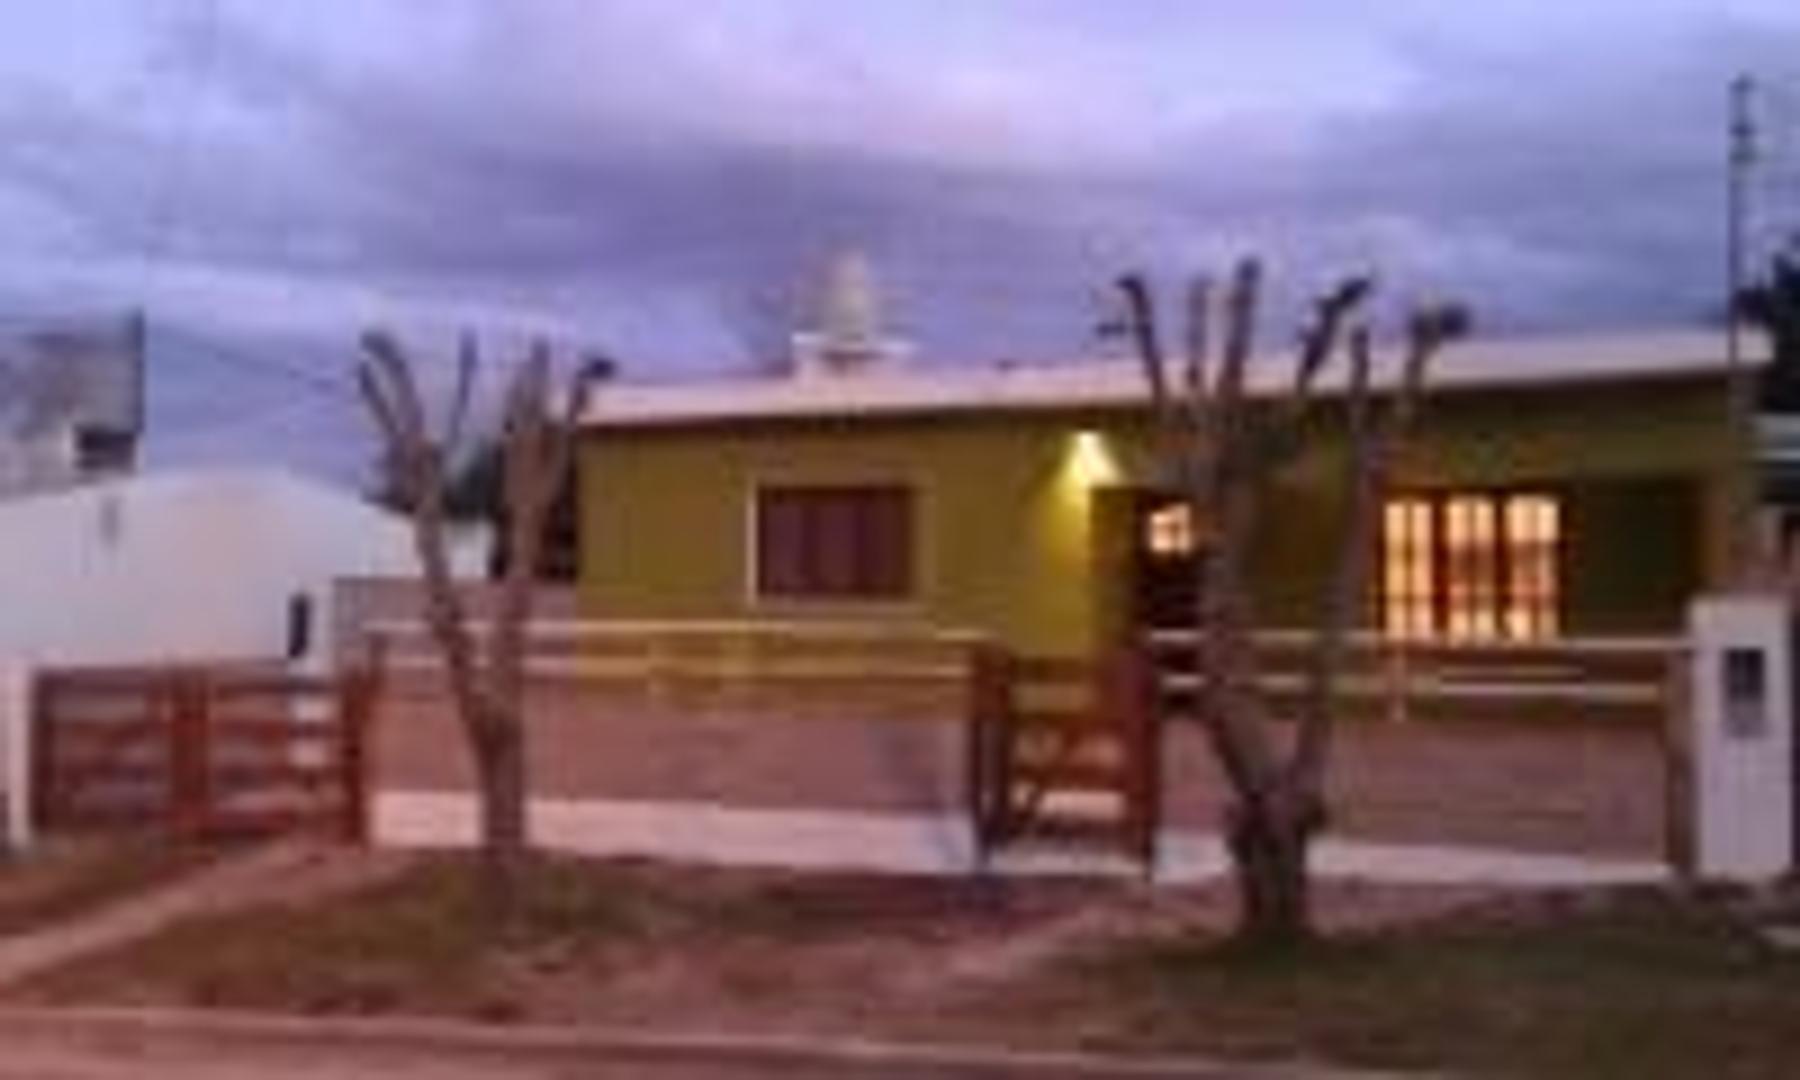 Nºref: 672 -CASA DE TRES DORMITORIOS EN EL CENTRO DE BIALET MASSE CON INCREIBLE VISTA A LAS SIERRAS